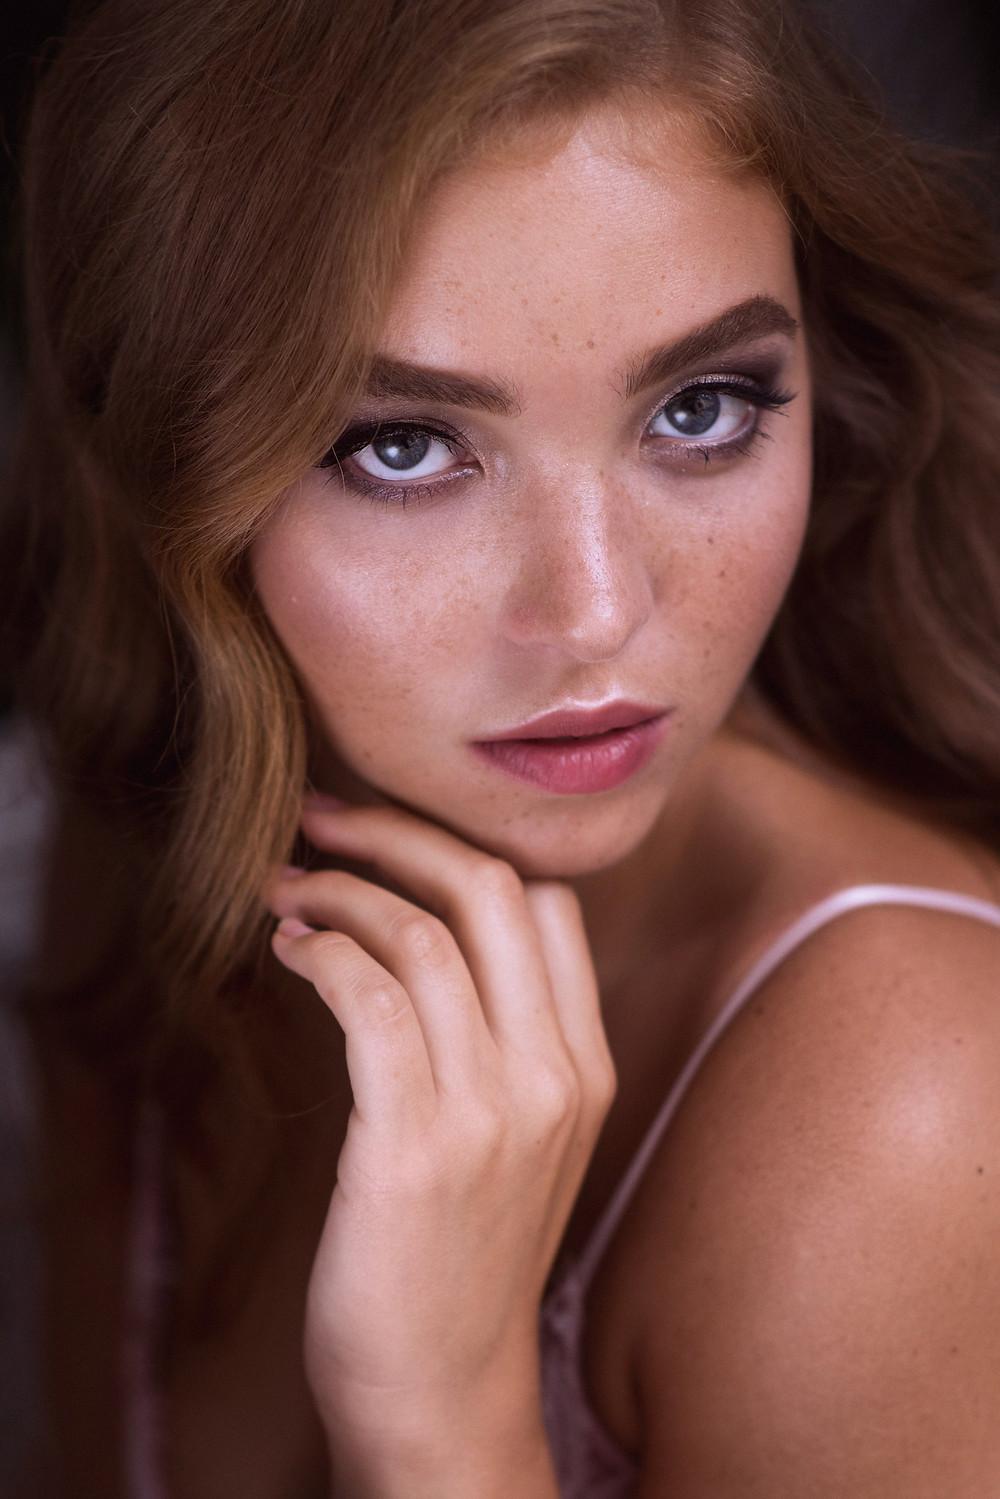 Женский портрет в фотостудии / Индивидуальная фотосессия в Москве